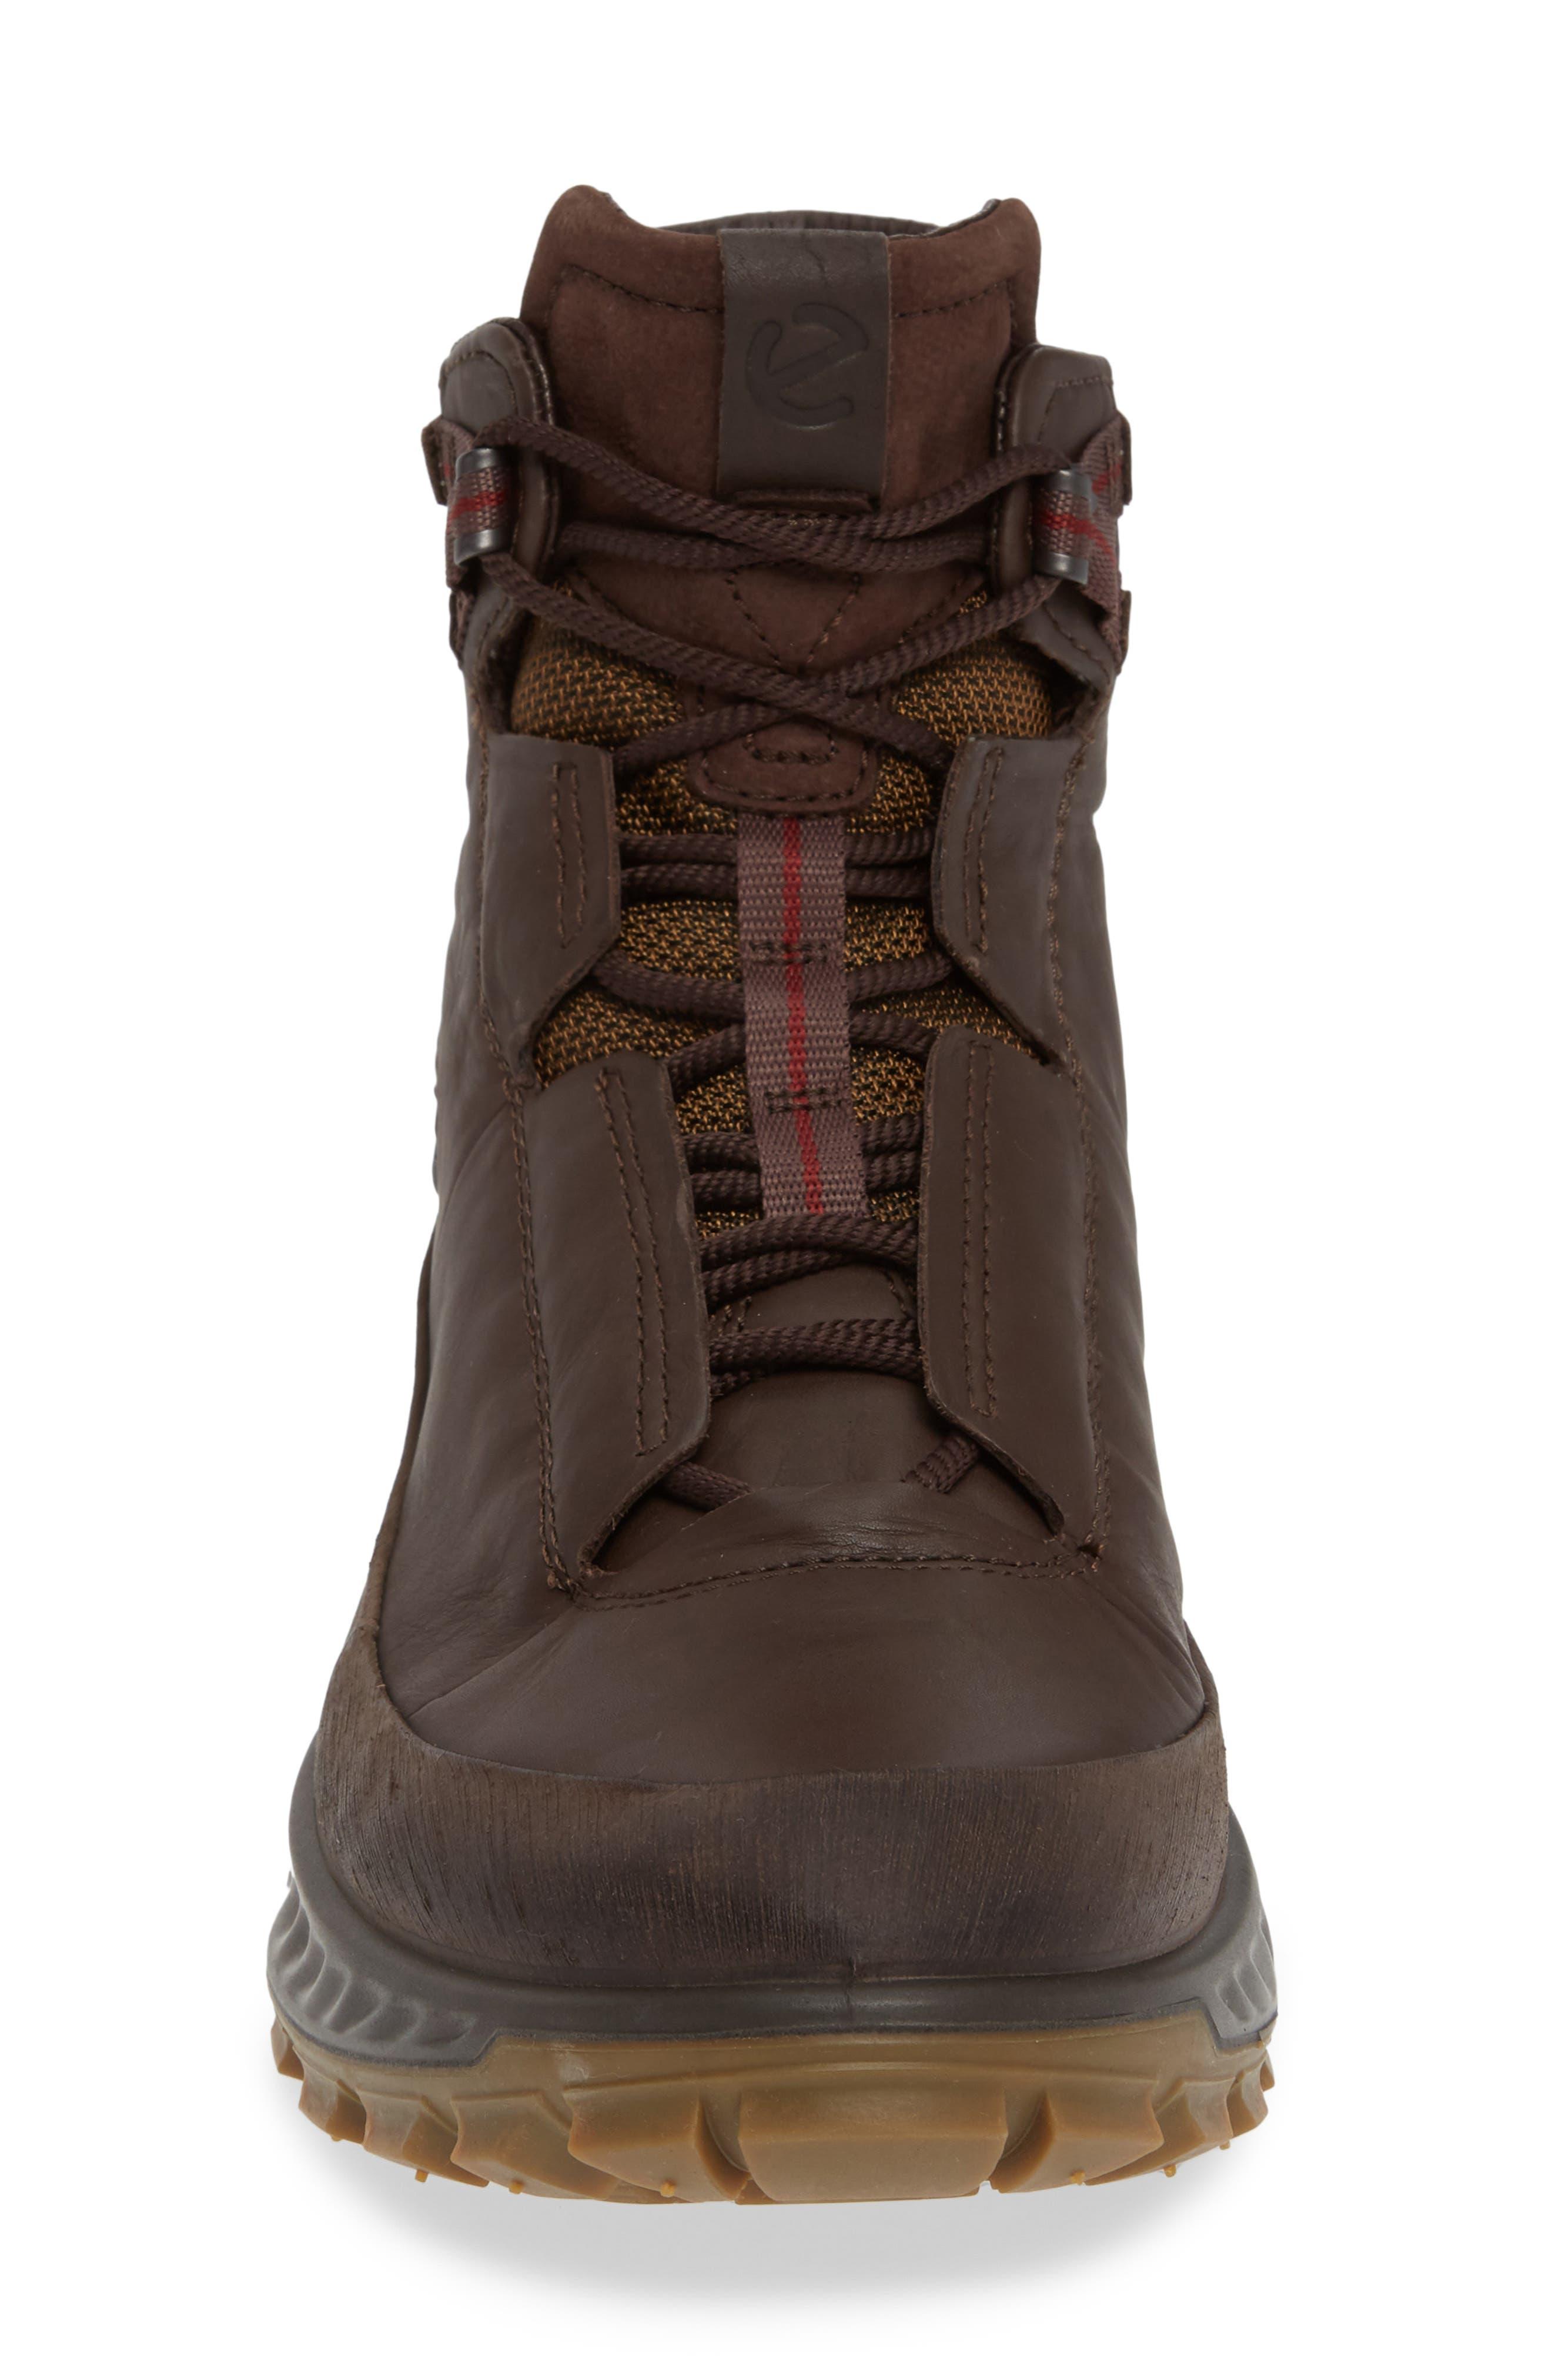 Exostrike Dyneema Gore-Tex<sup>®</sup> Sneaker Waterproof Boot,                             Alternate thumbnail 4, color,                             202